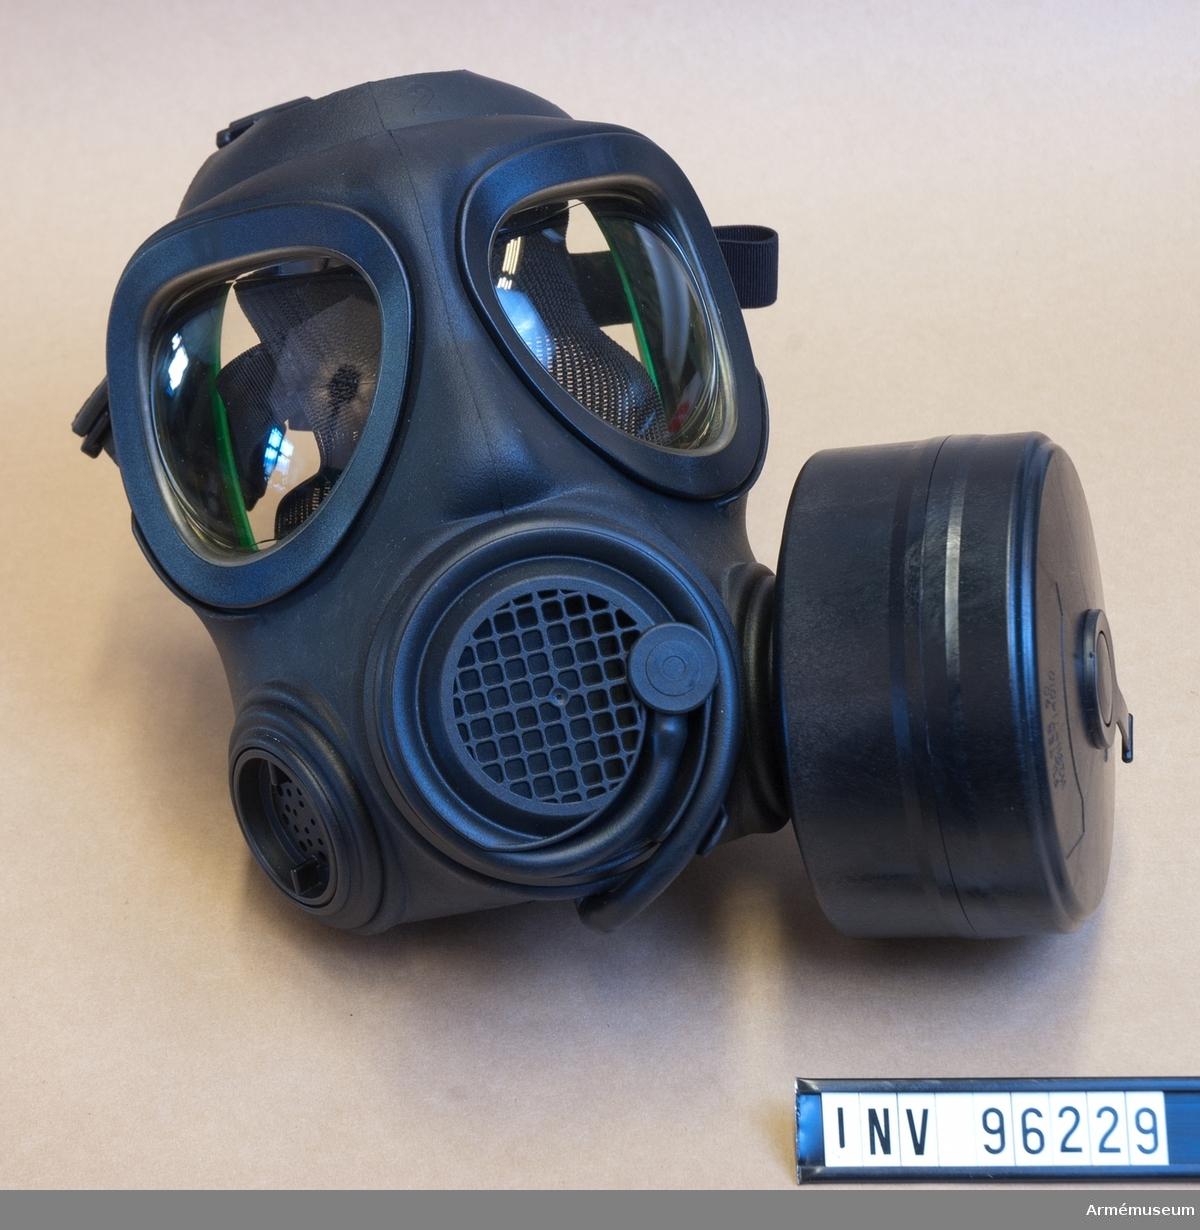 Skyddsmask tillhörande skyddsutrustning 90 B. Oanvänd. Storlek 2 - Medium. På insidan sitter ett grönt plaststöd. Med Filter 90 (m/1990) M 2311-714010-1.